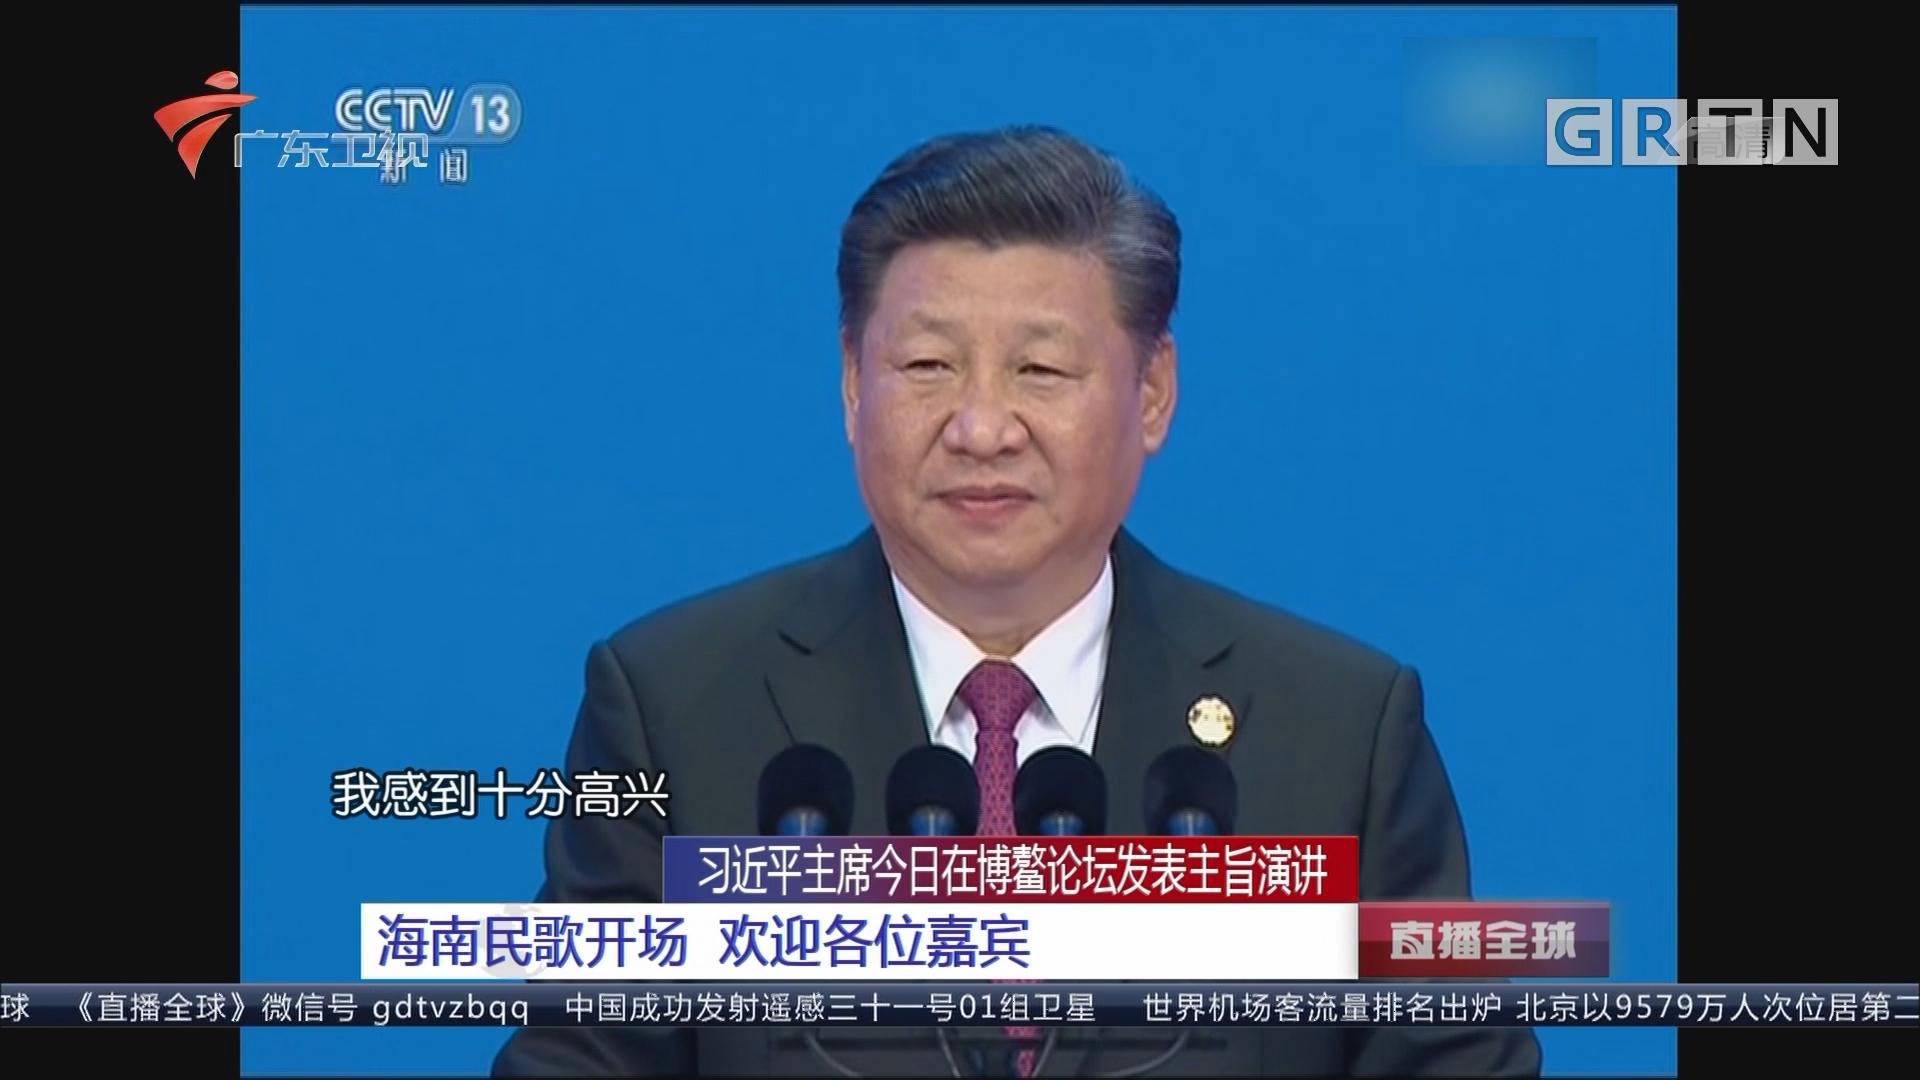 习近平主席今日在博鳌论坛发表主旨演讲:海南民歌开场 欢迎各位嘉宾